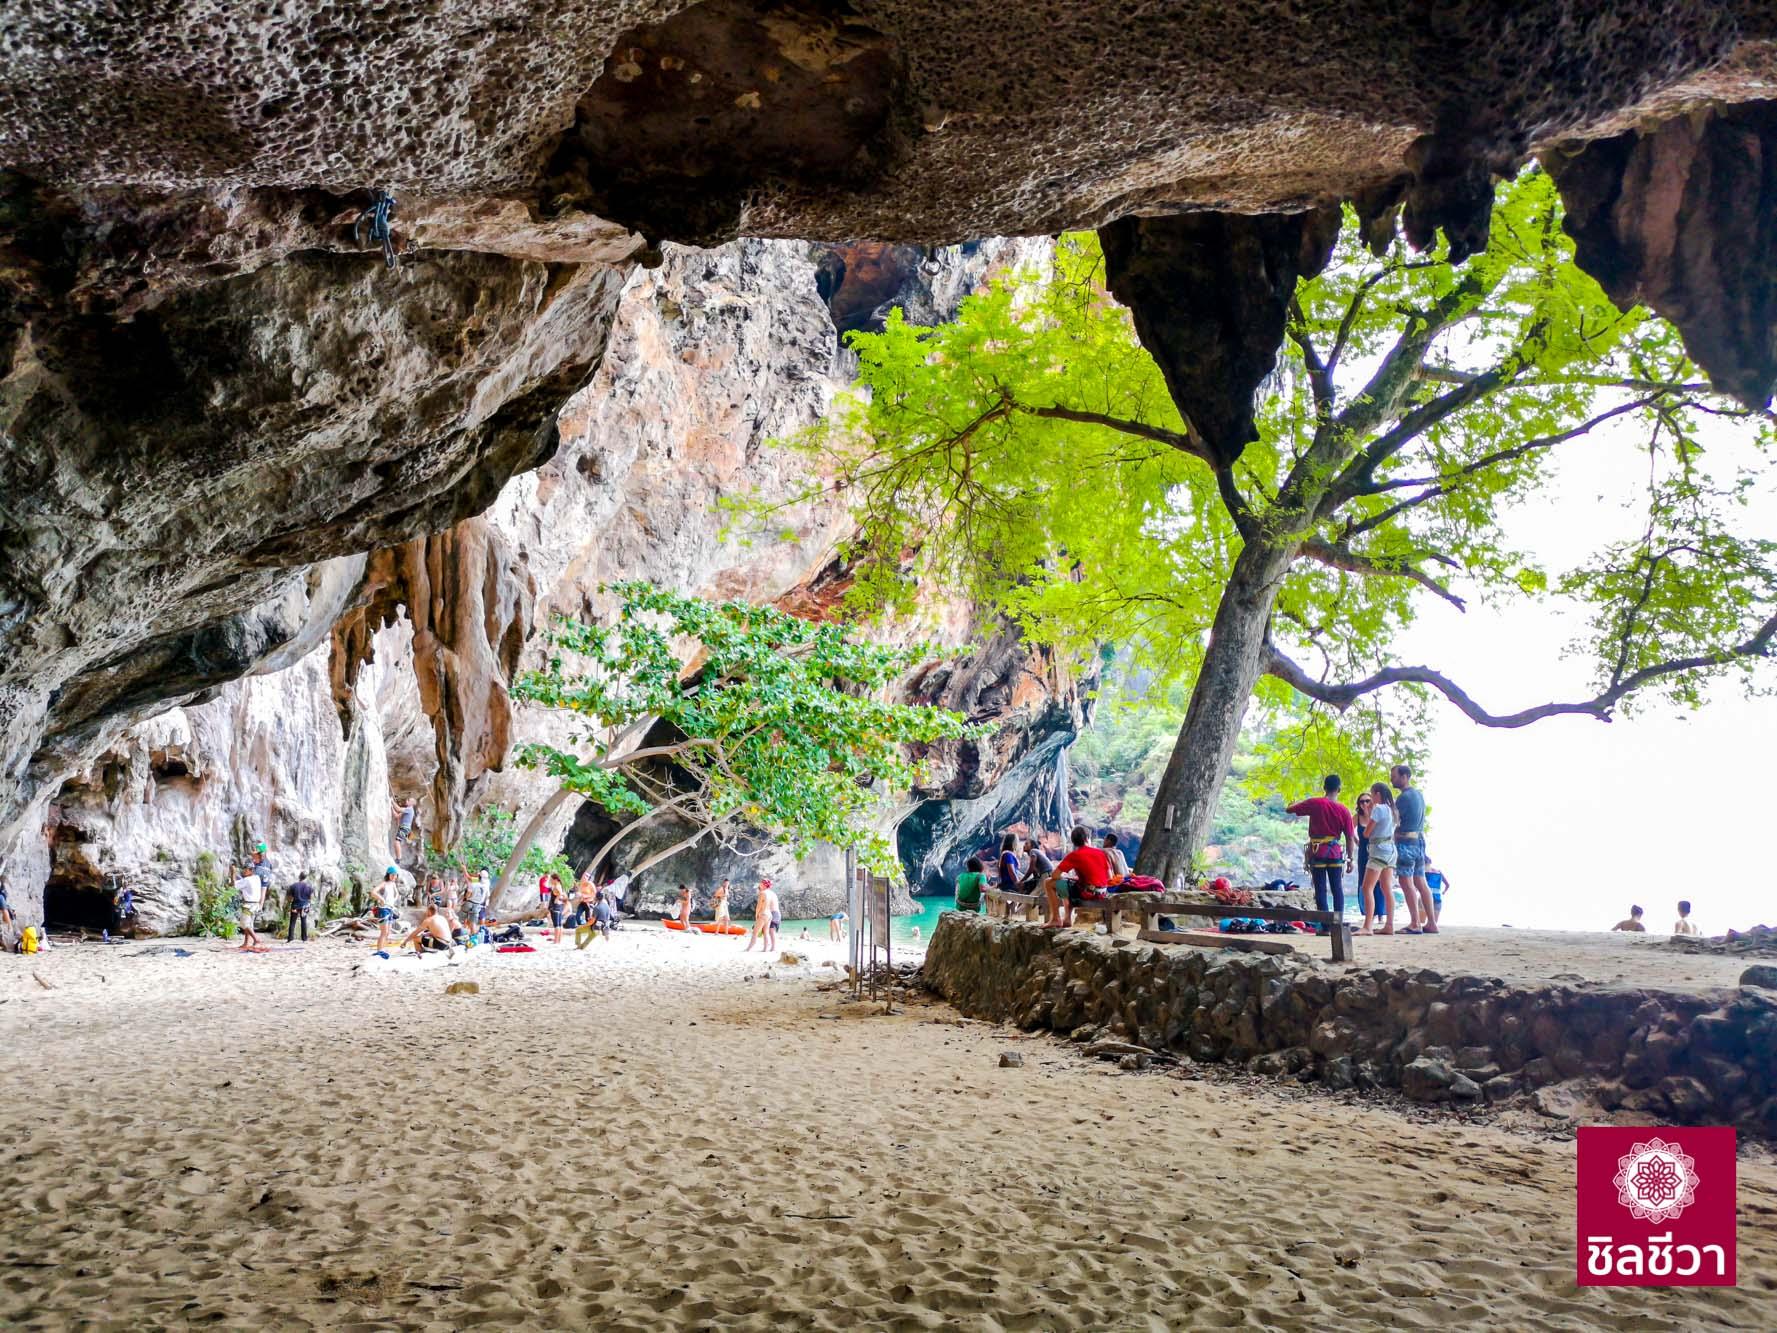 ซันไรท์ ทรอปิคอล รีสอร์ท (Sunrise Tropical Resort) ไร่เลย์ กระบี่  ซันไรท์ ทรอปิคอล รีสอร์ท รีสอร์ทงามๆ บนเกาะไร่เลย์ กระบี่ IMG 20181011 112548